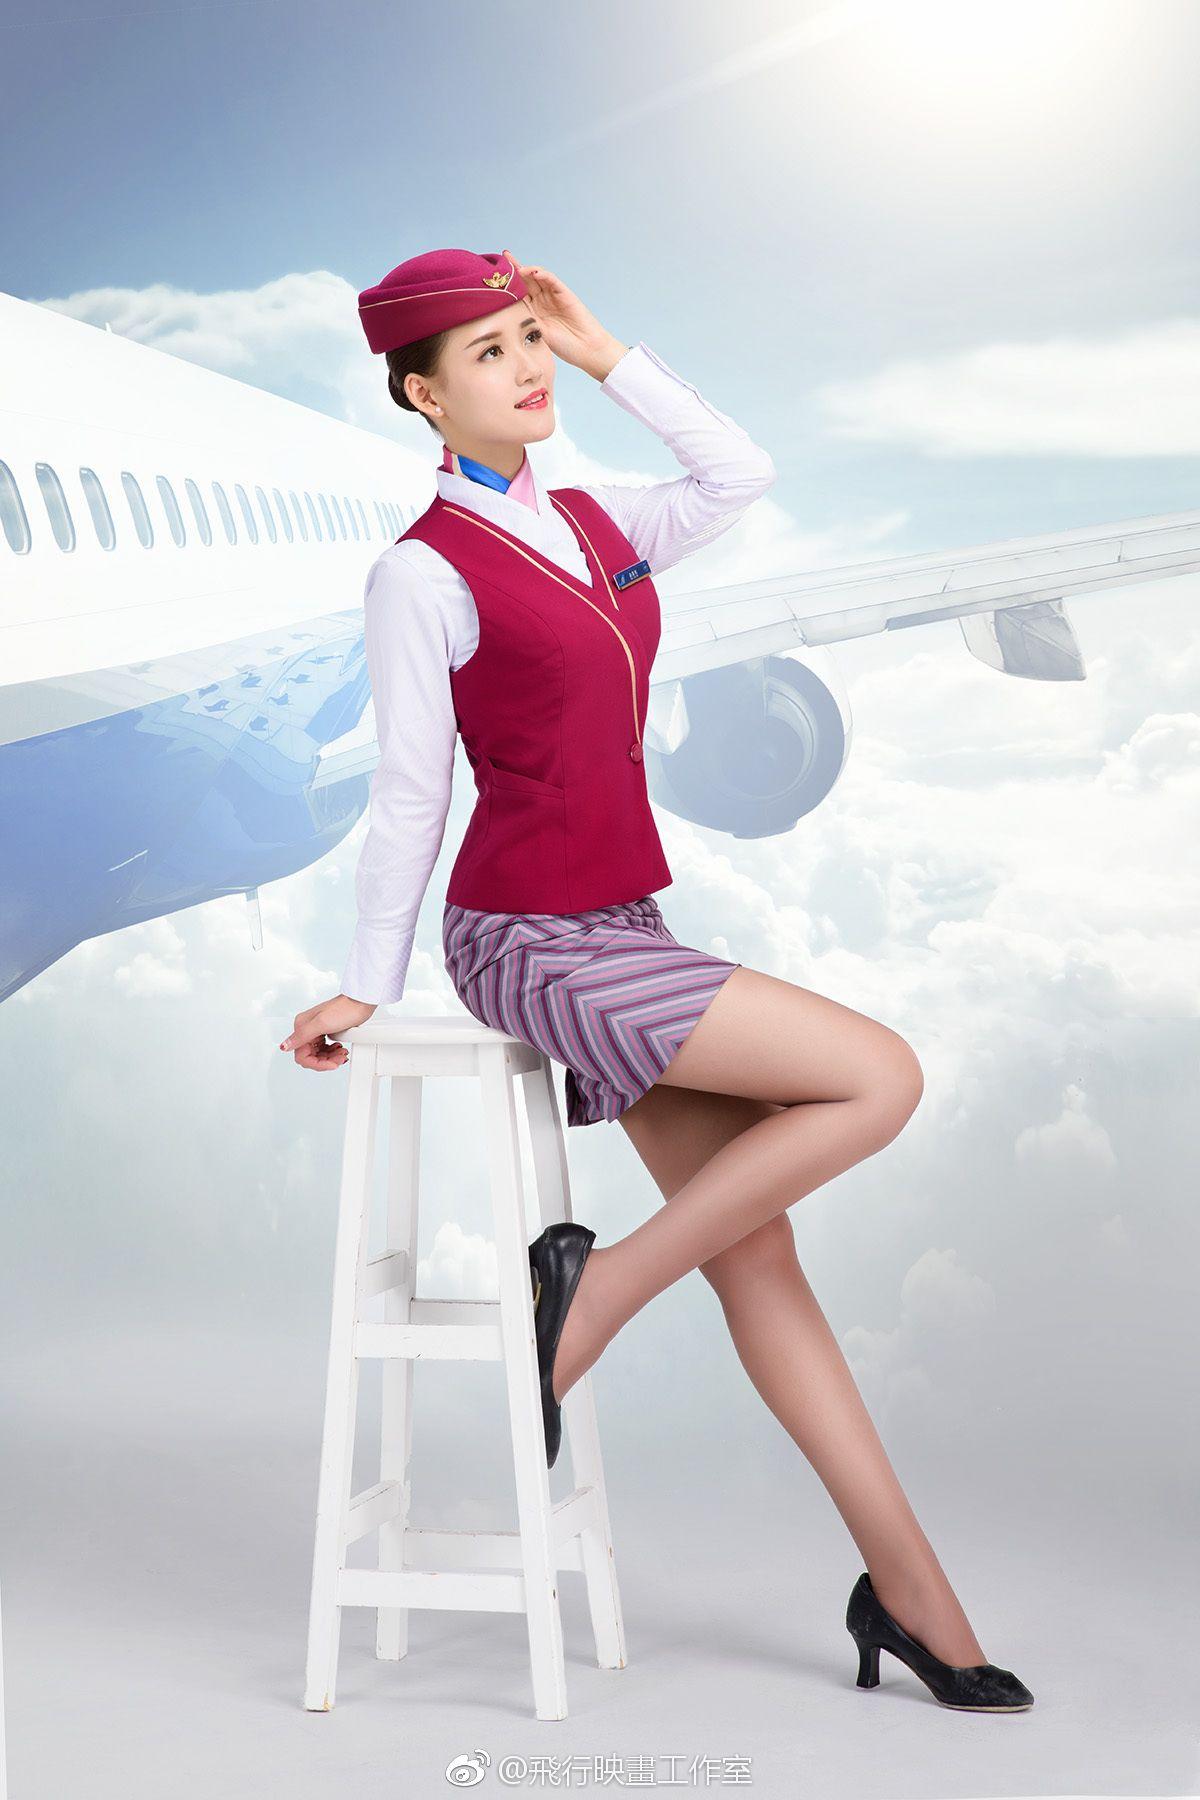 Хороша стюардесса фото